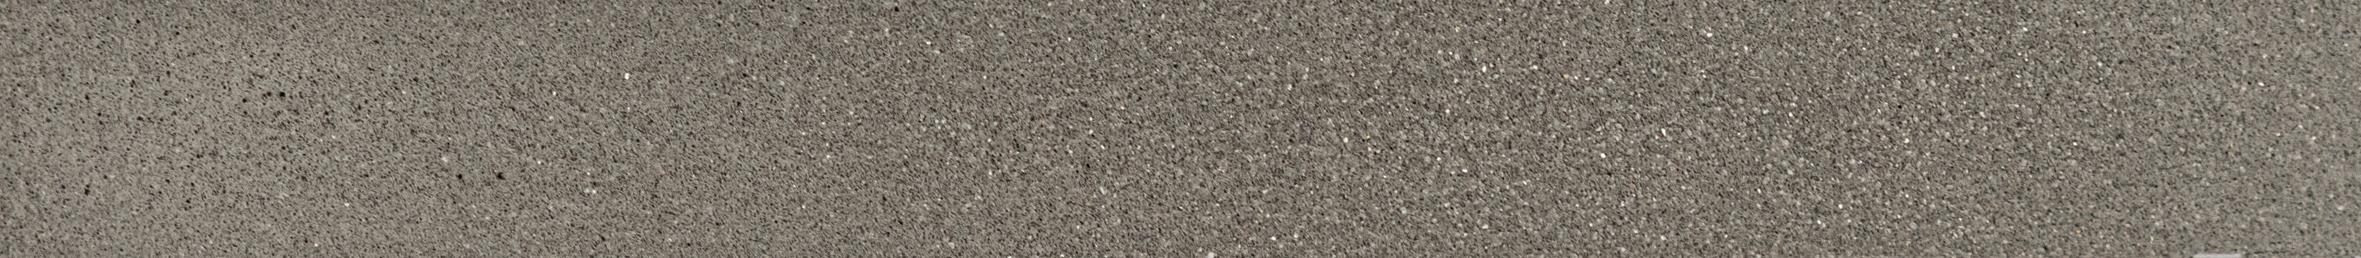 Fugenschlämmmörtel - Fugenfarbe 2049